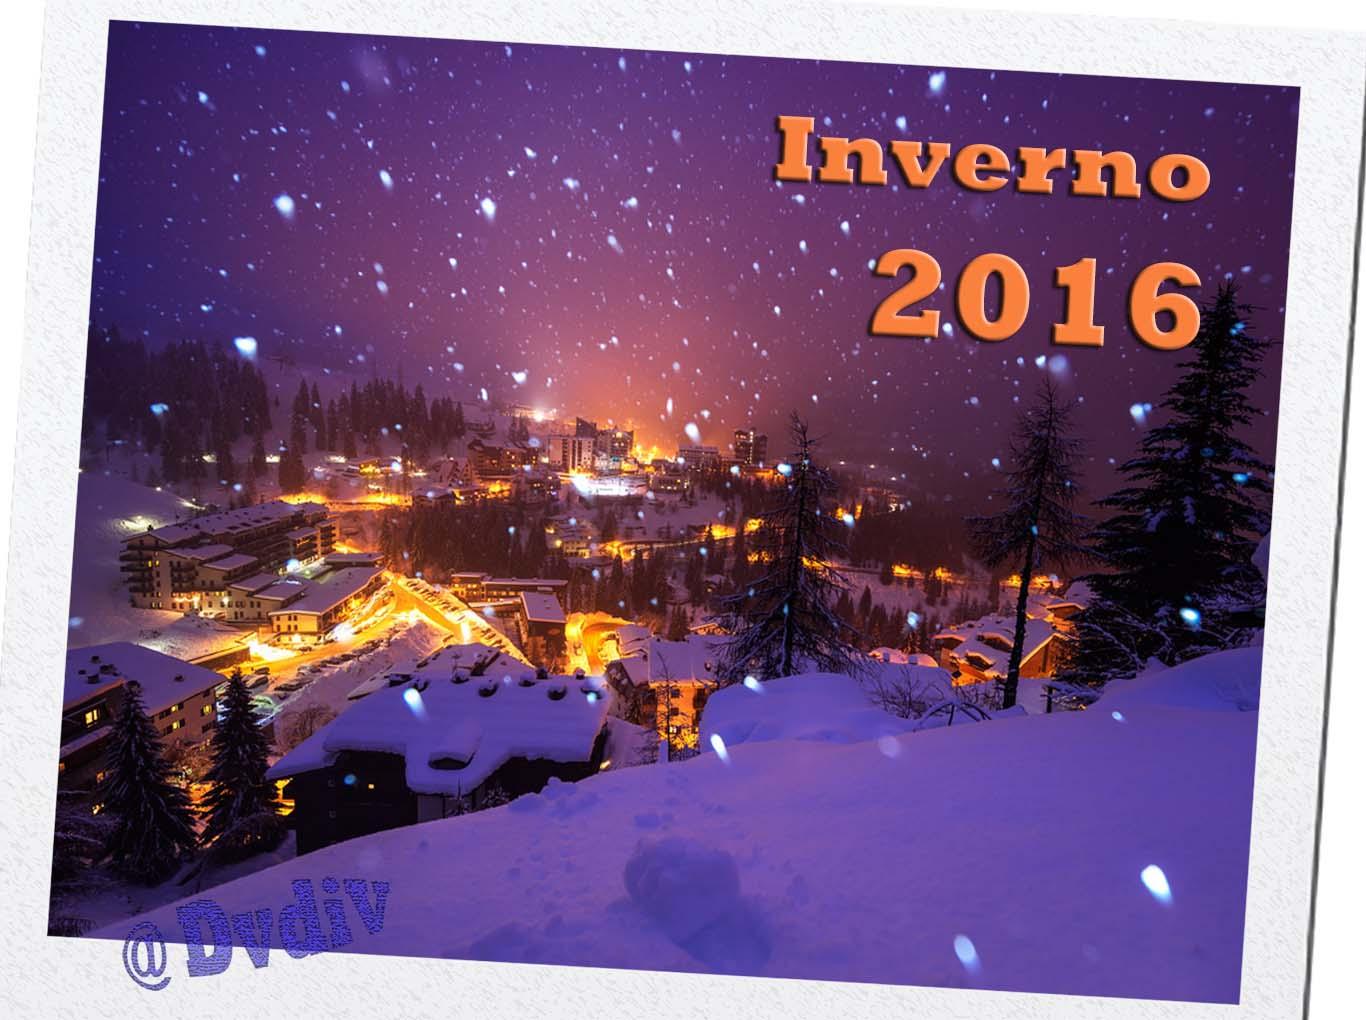 dvdiv-2016-inizia-l-inverno-e-anche-con-un-po-di-neve